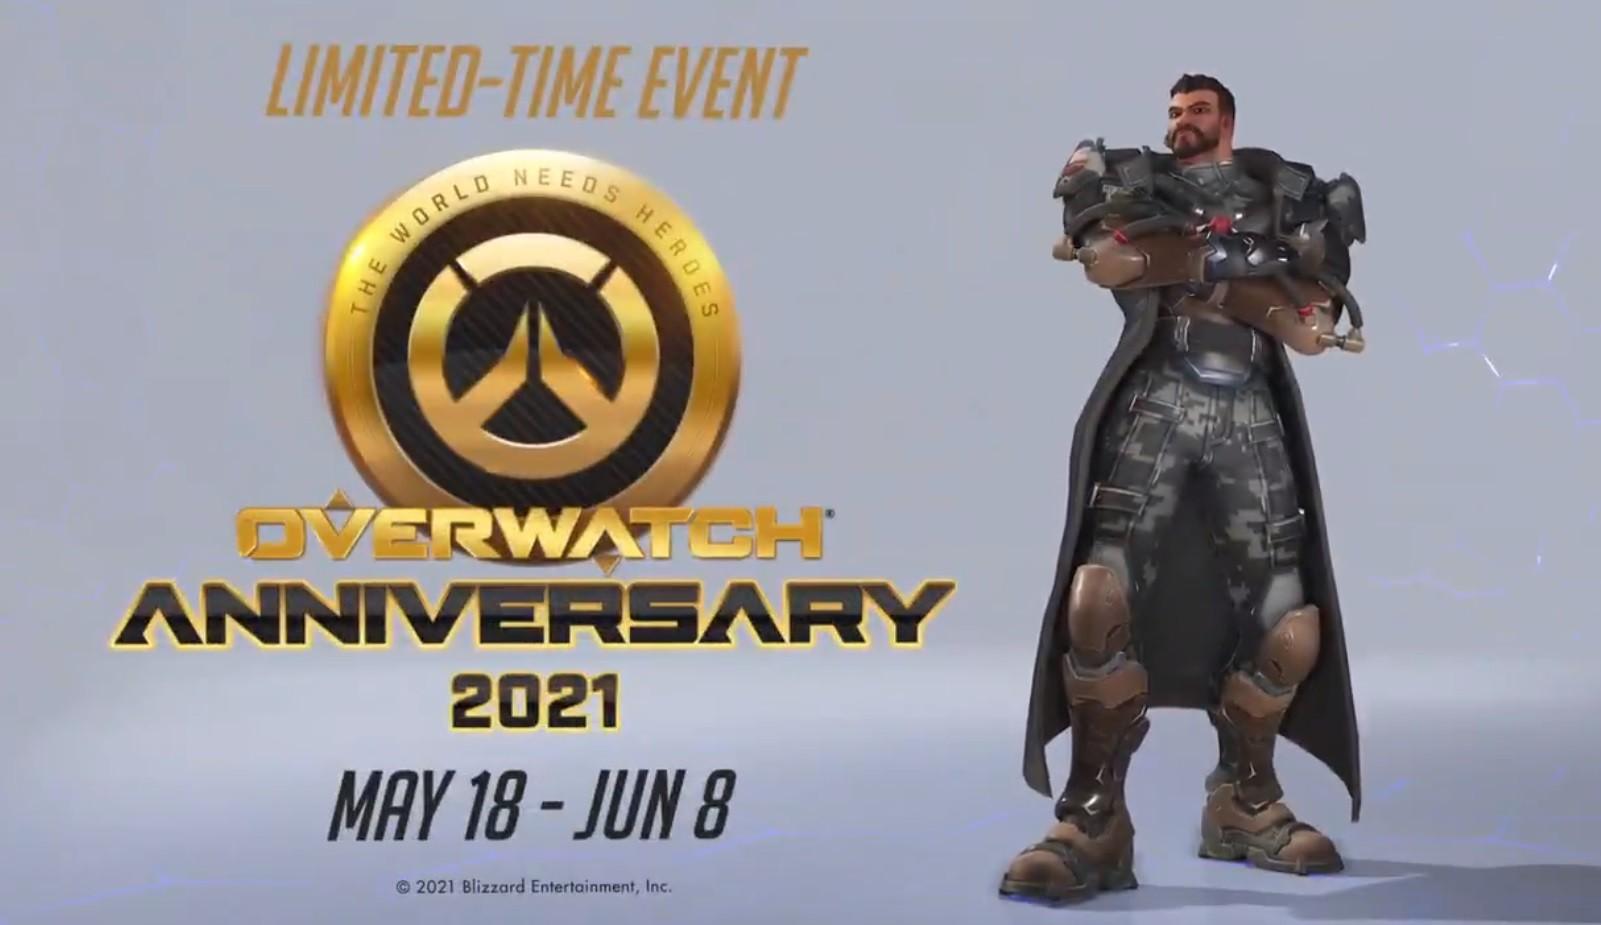 Разработчики Overwatch проведут событие в честь пятилетия игры